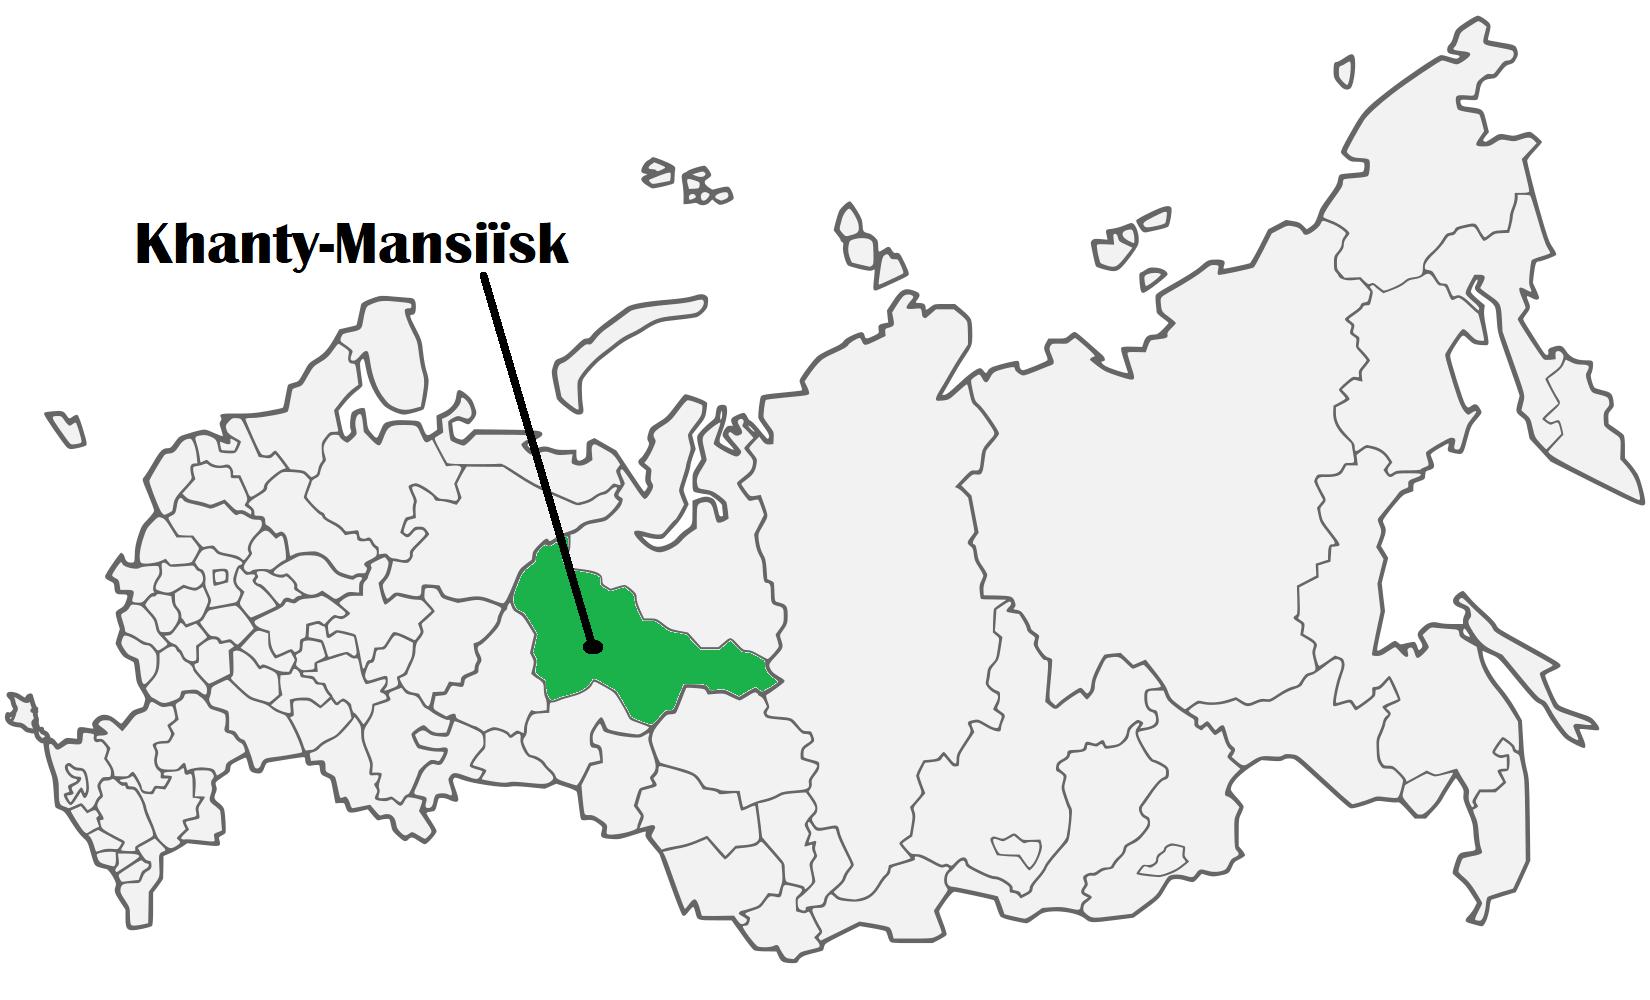 Khanty-Mansiïsk